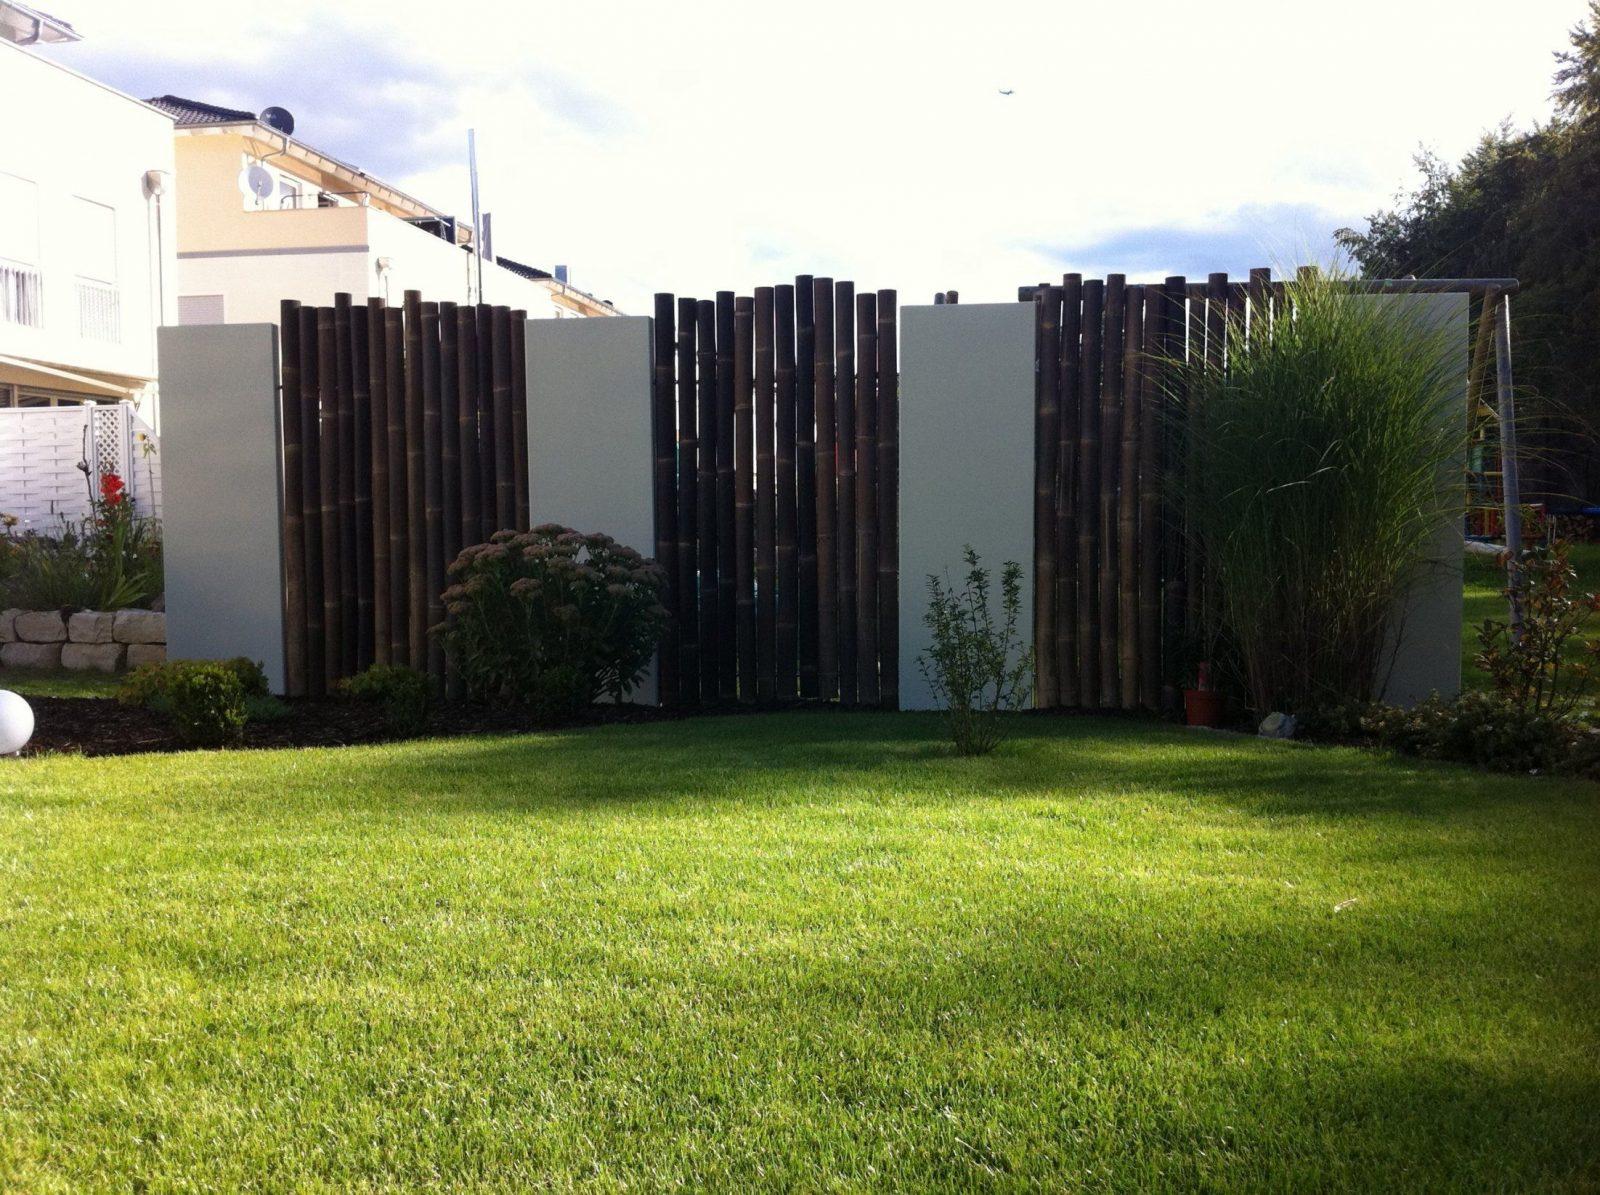 Minimalistischer Garten Atemberaubend Ideen Bezieht Sich Auf Von  Atemberaubende Ideen Für Den Garten Bild